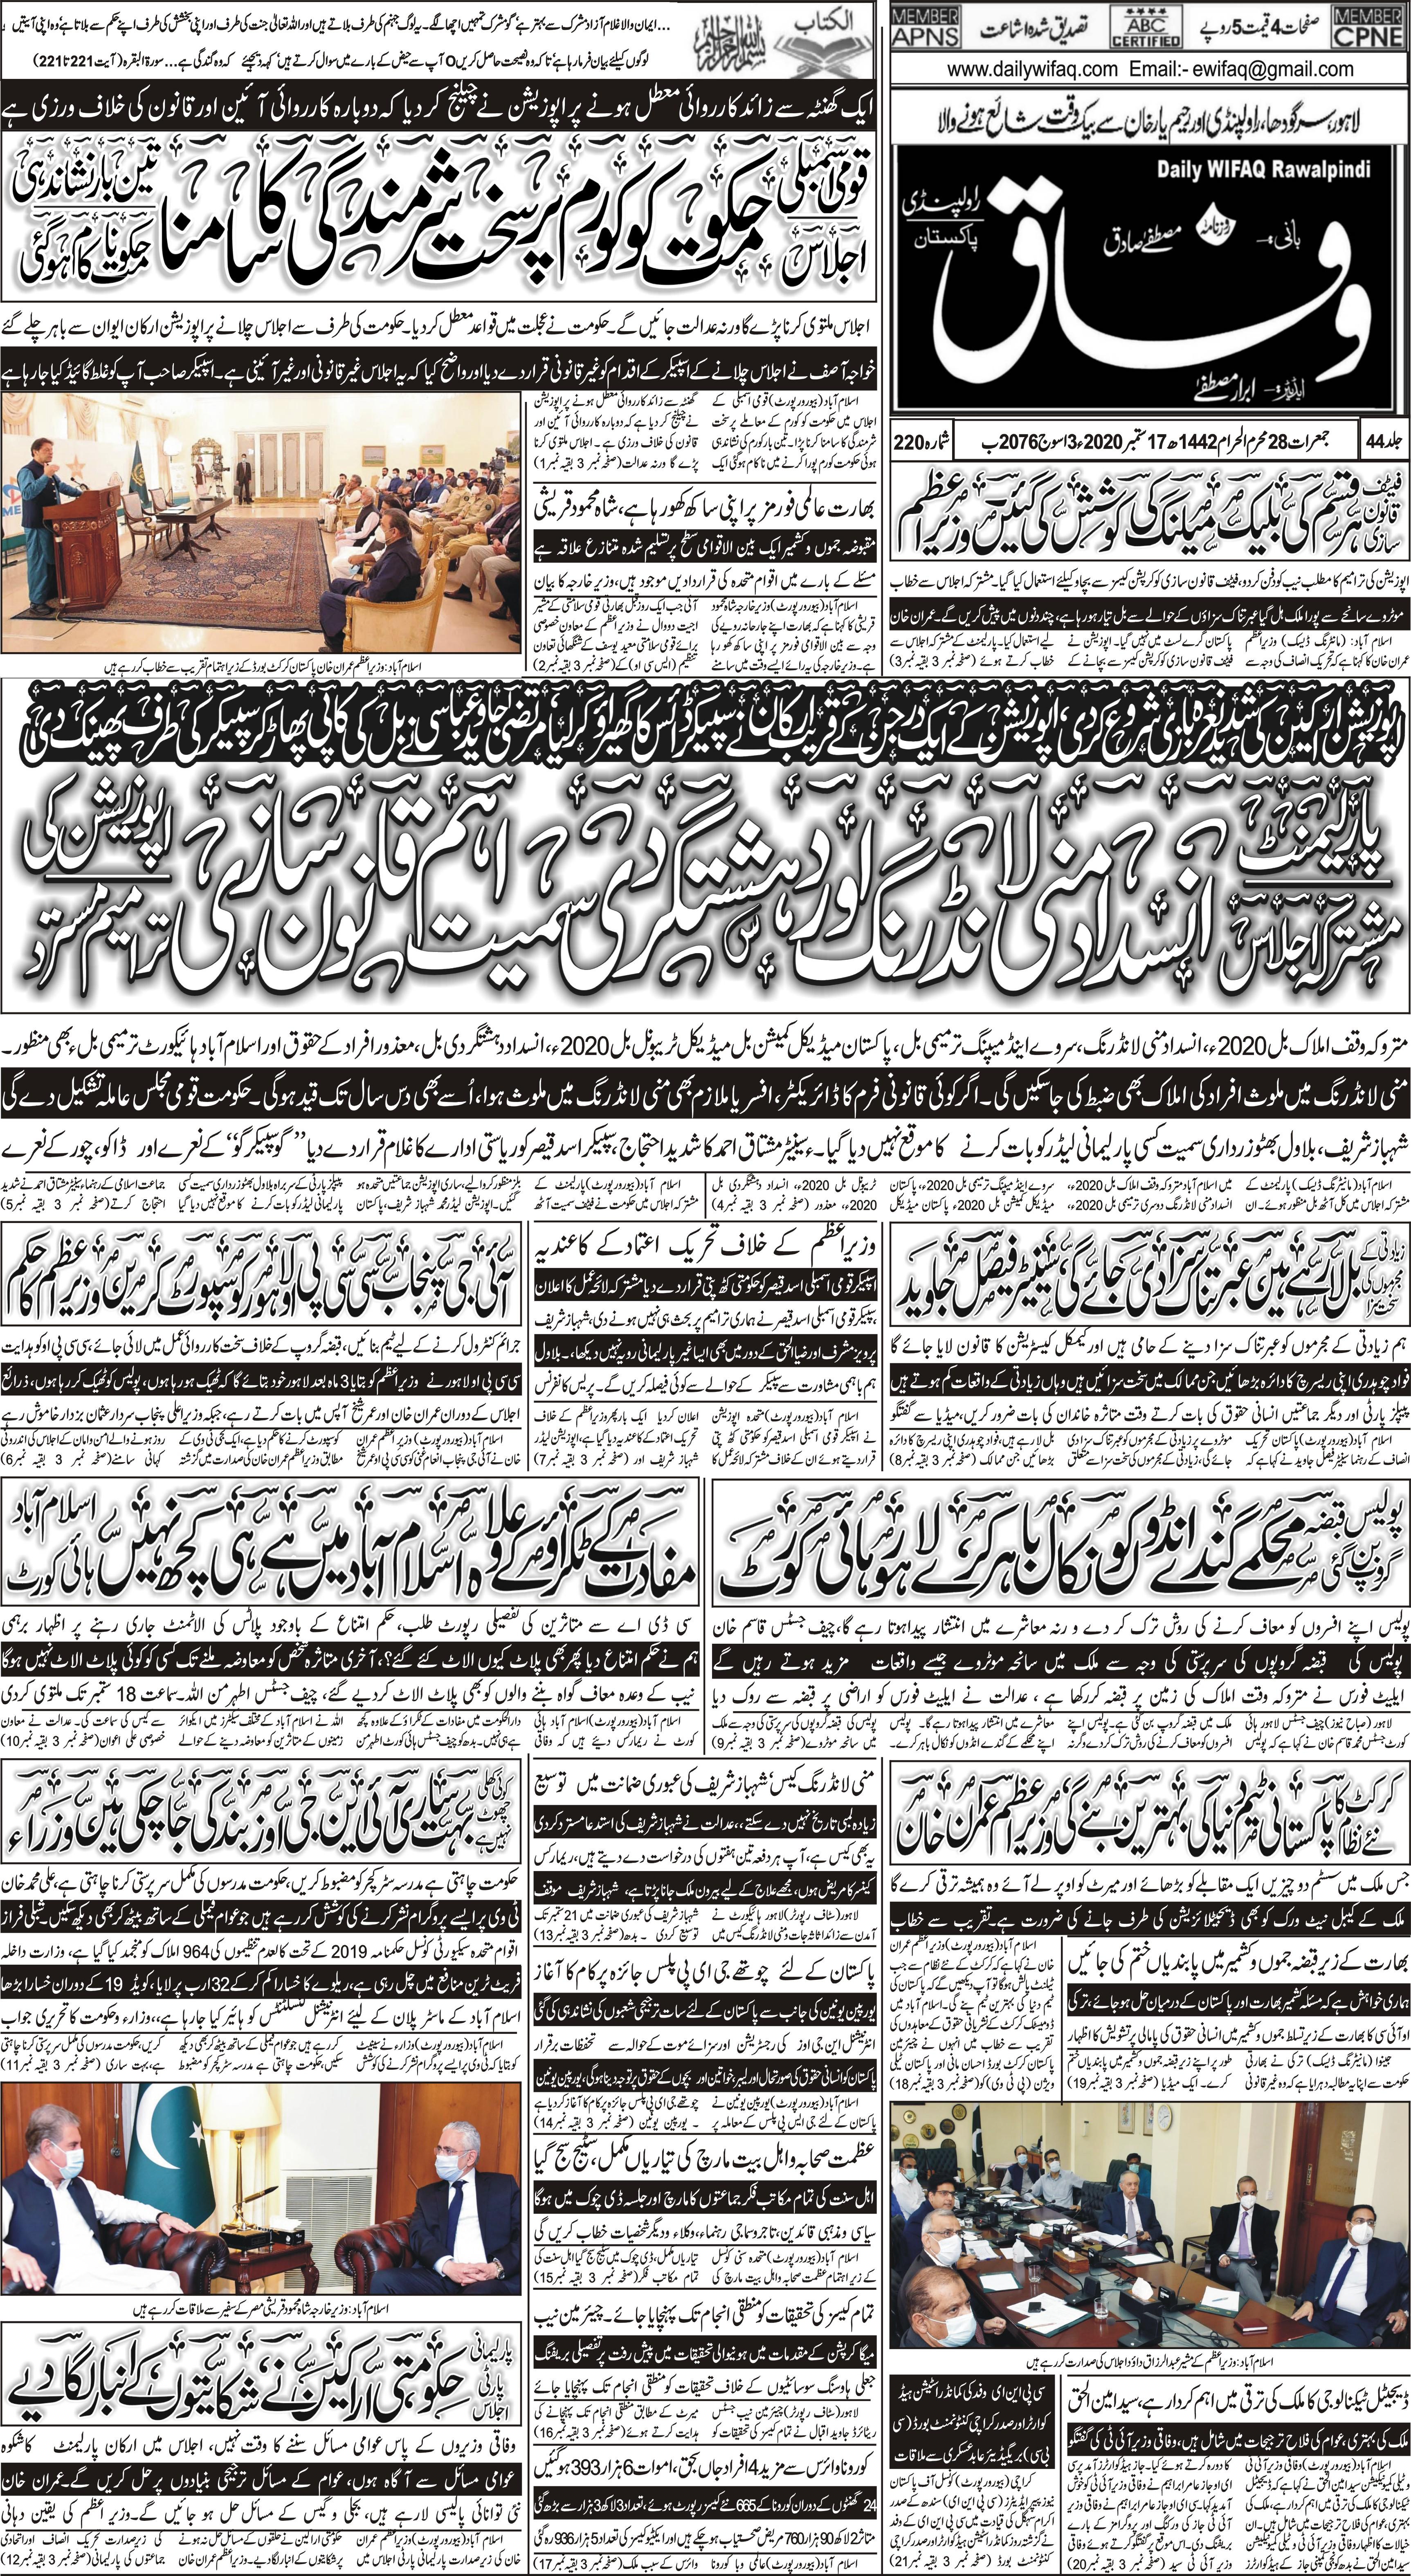 e-Paper – Daily Wifaq – Rawalpindi – 17-09-2020